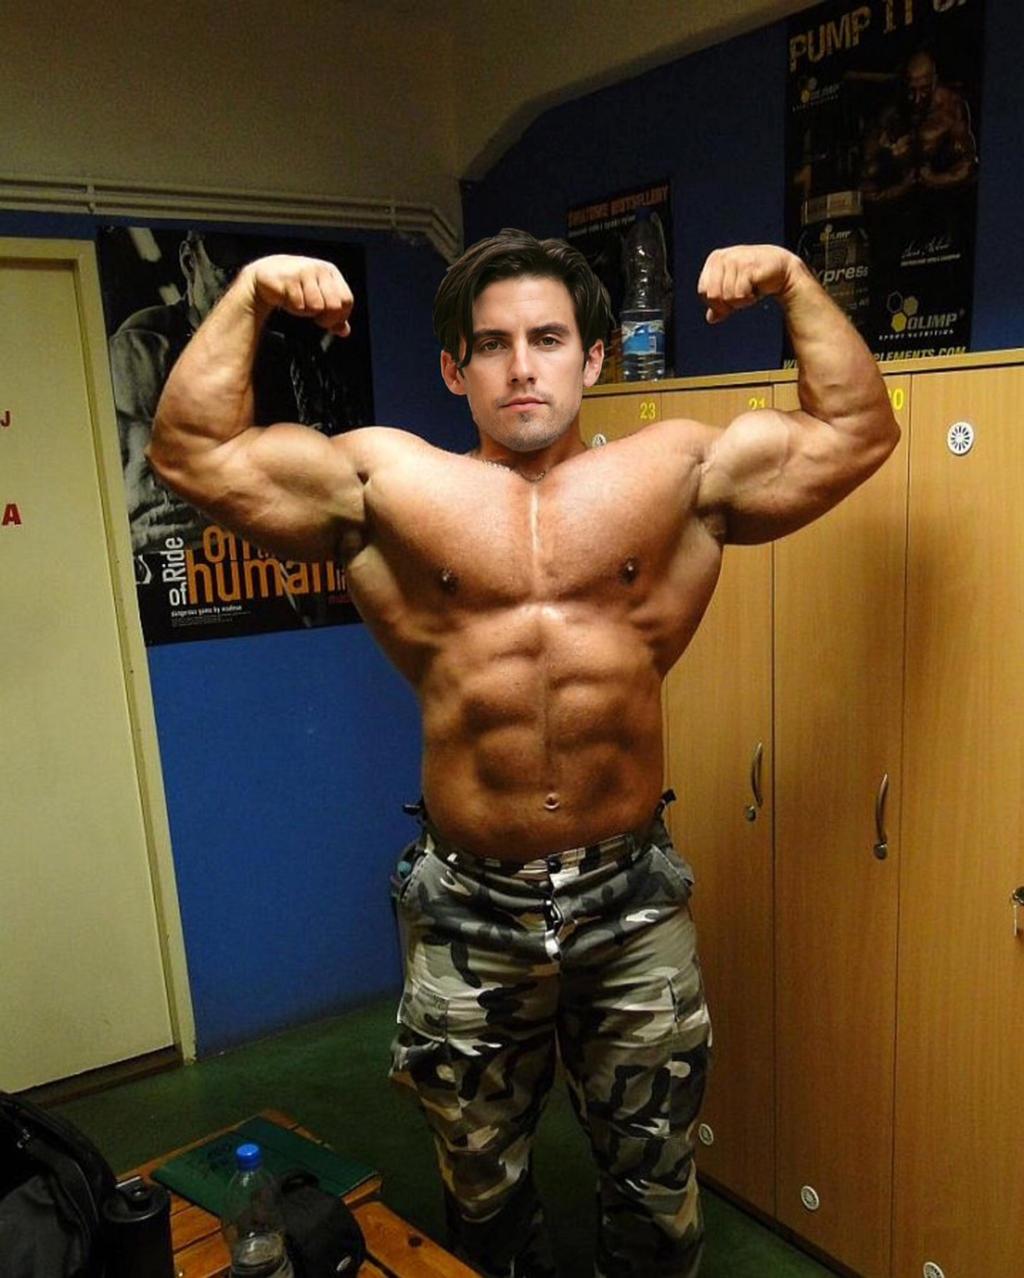 Muscle Morph: Milo Ventimiglia 1 By Doryfan1 On DeviantArt